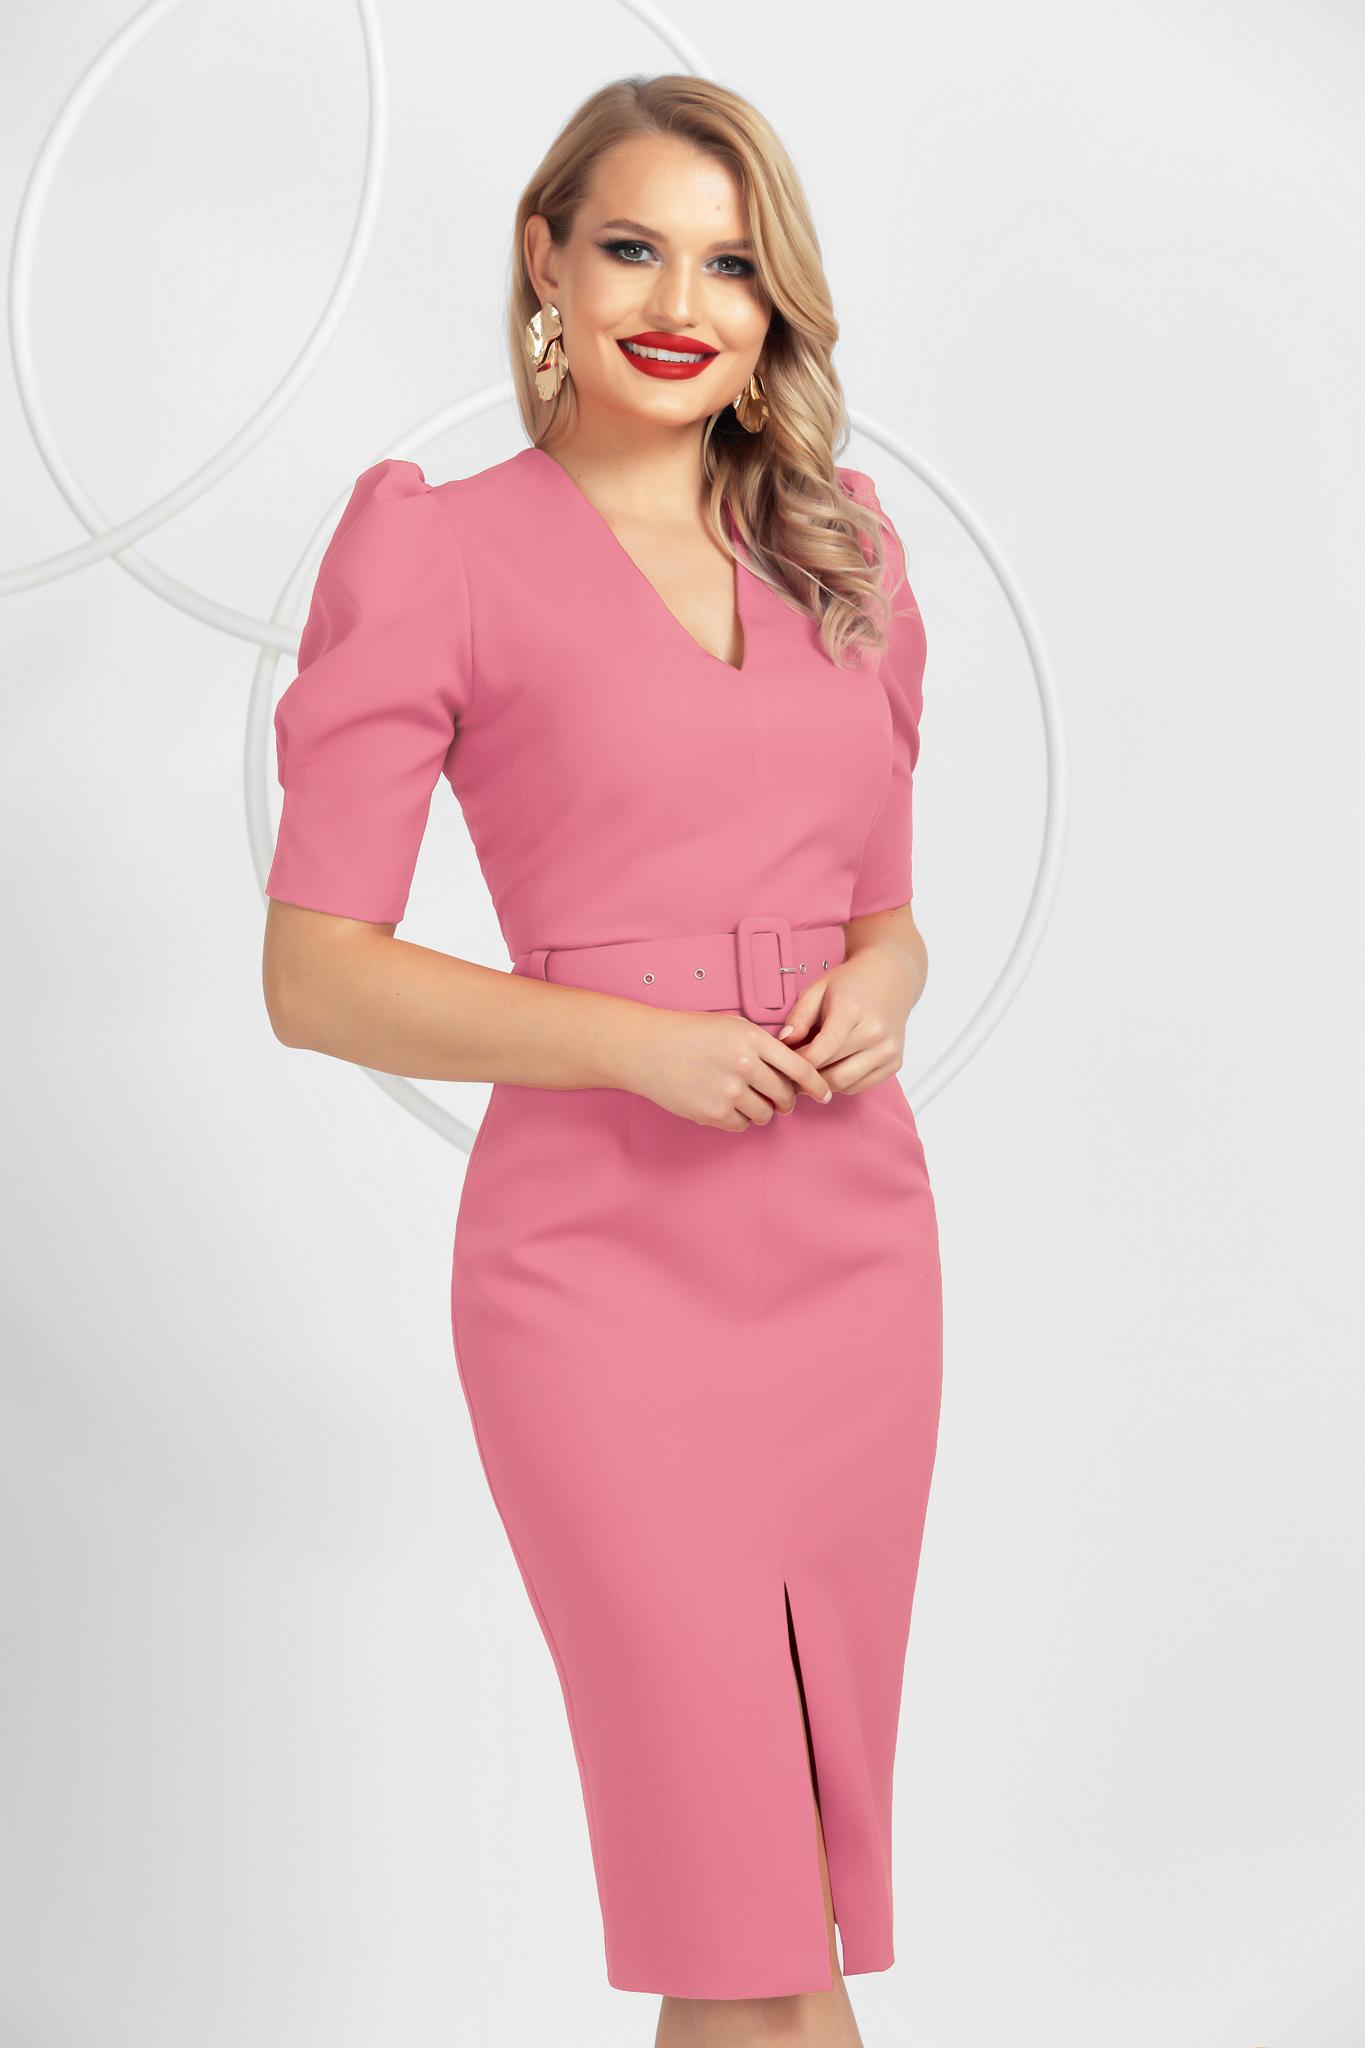 Elöl felsliccelt púder rózsaszínű midi ceruza ruha a fenti részen ráncolt ujjak